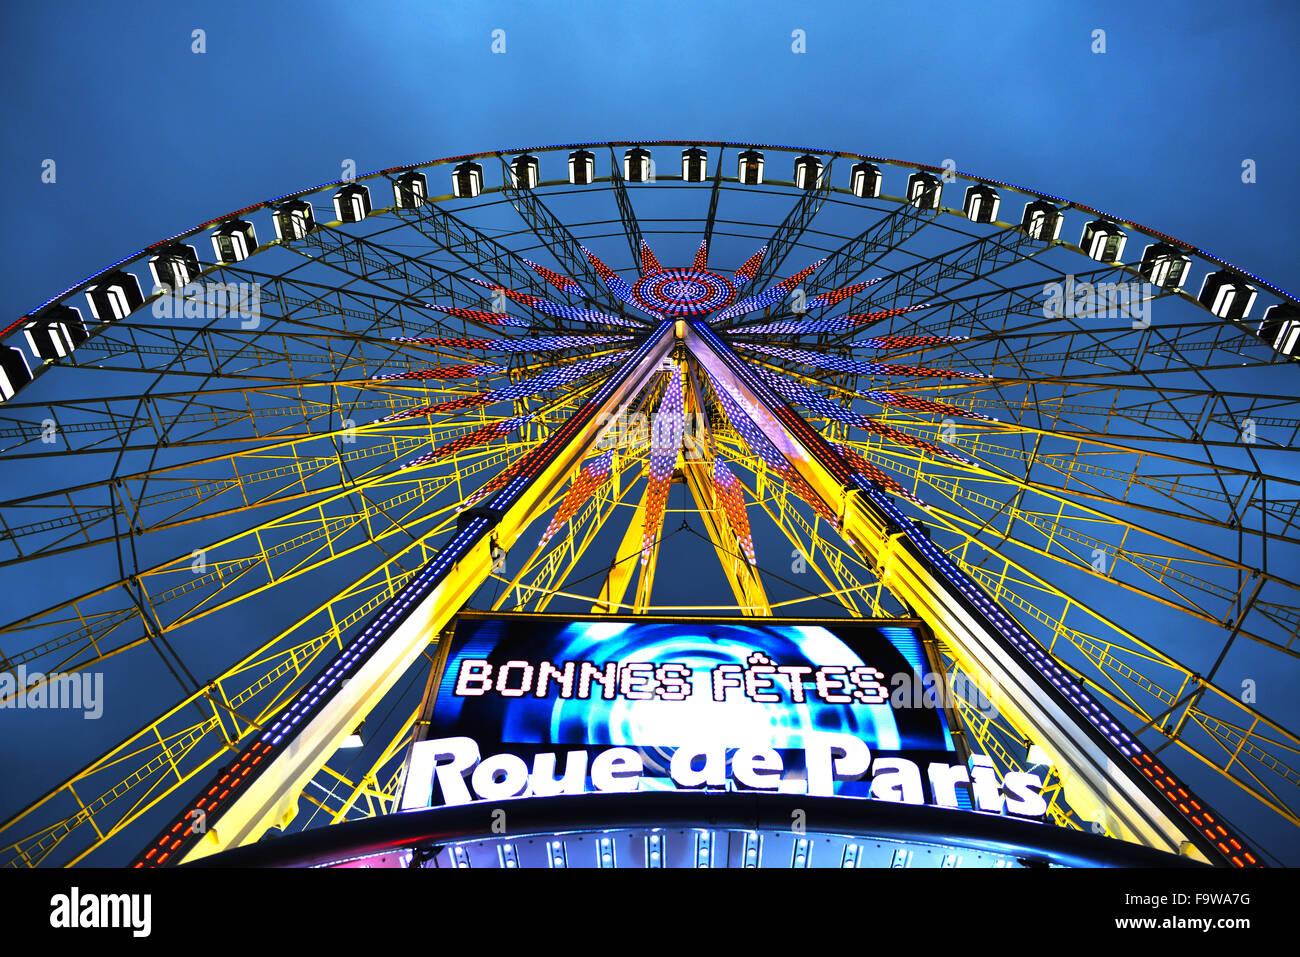 Paris. 18th Dec, 2015. Photo taken on Dec. 18, 2015 shows the ferris wheel at the Place de la Concorde in central Stock Photo